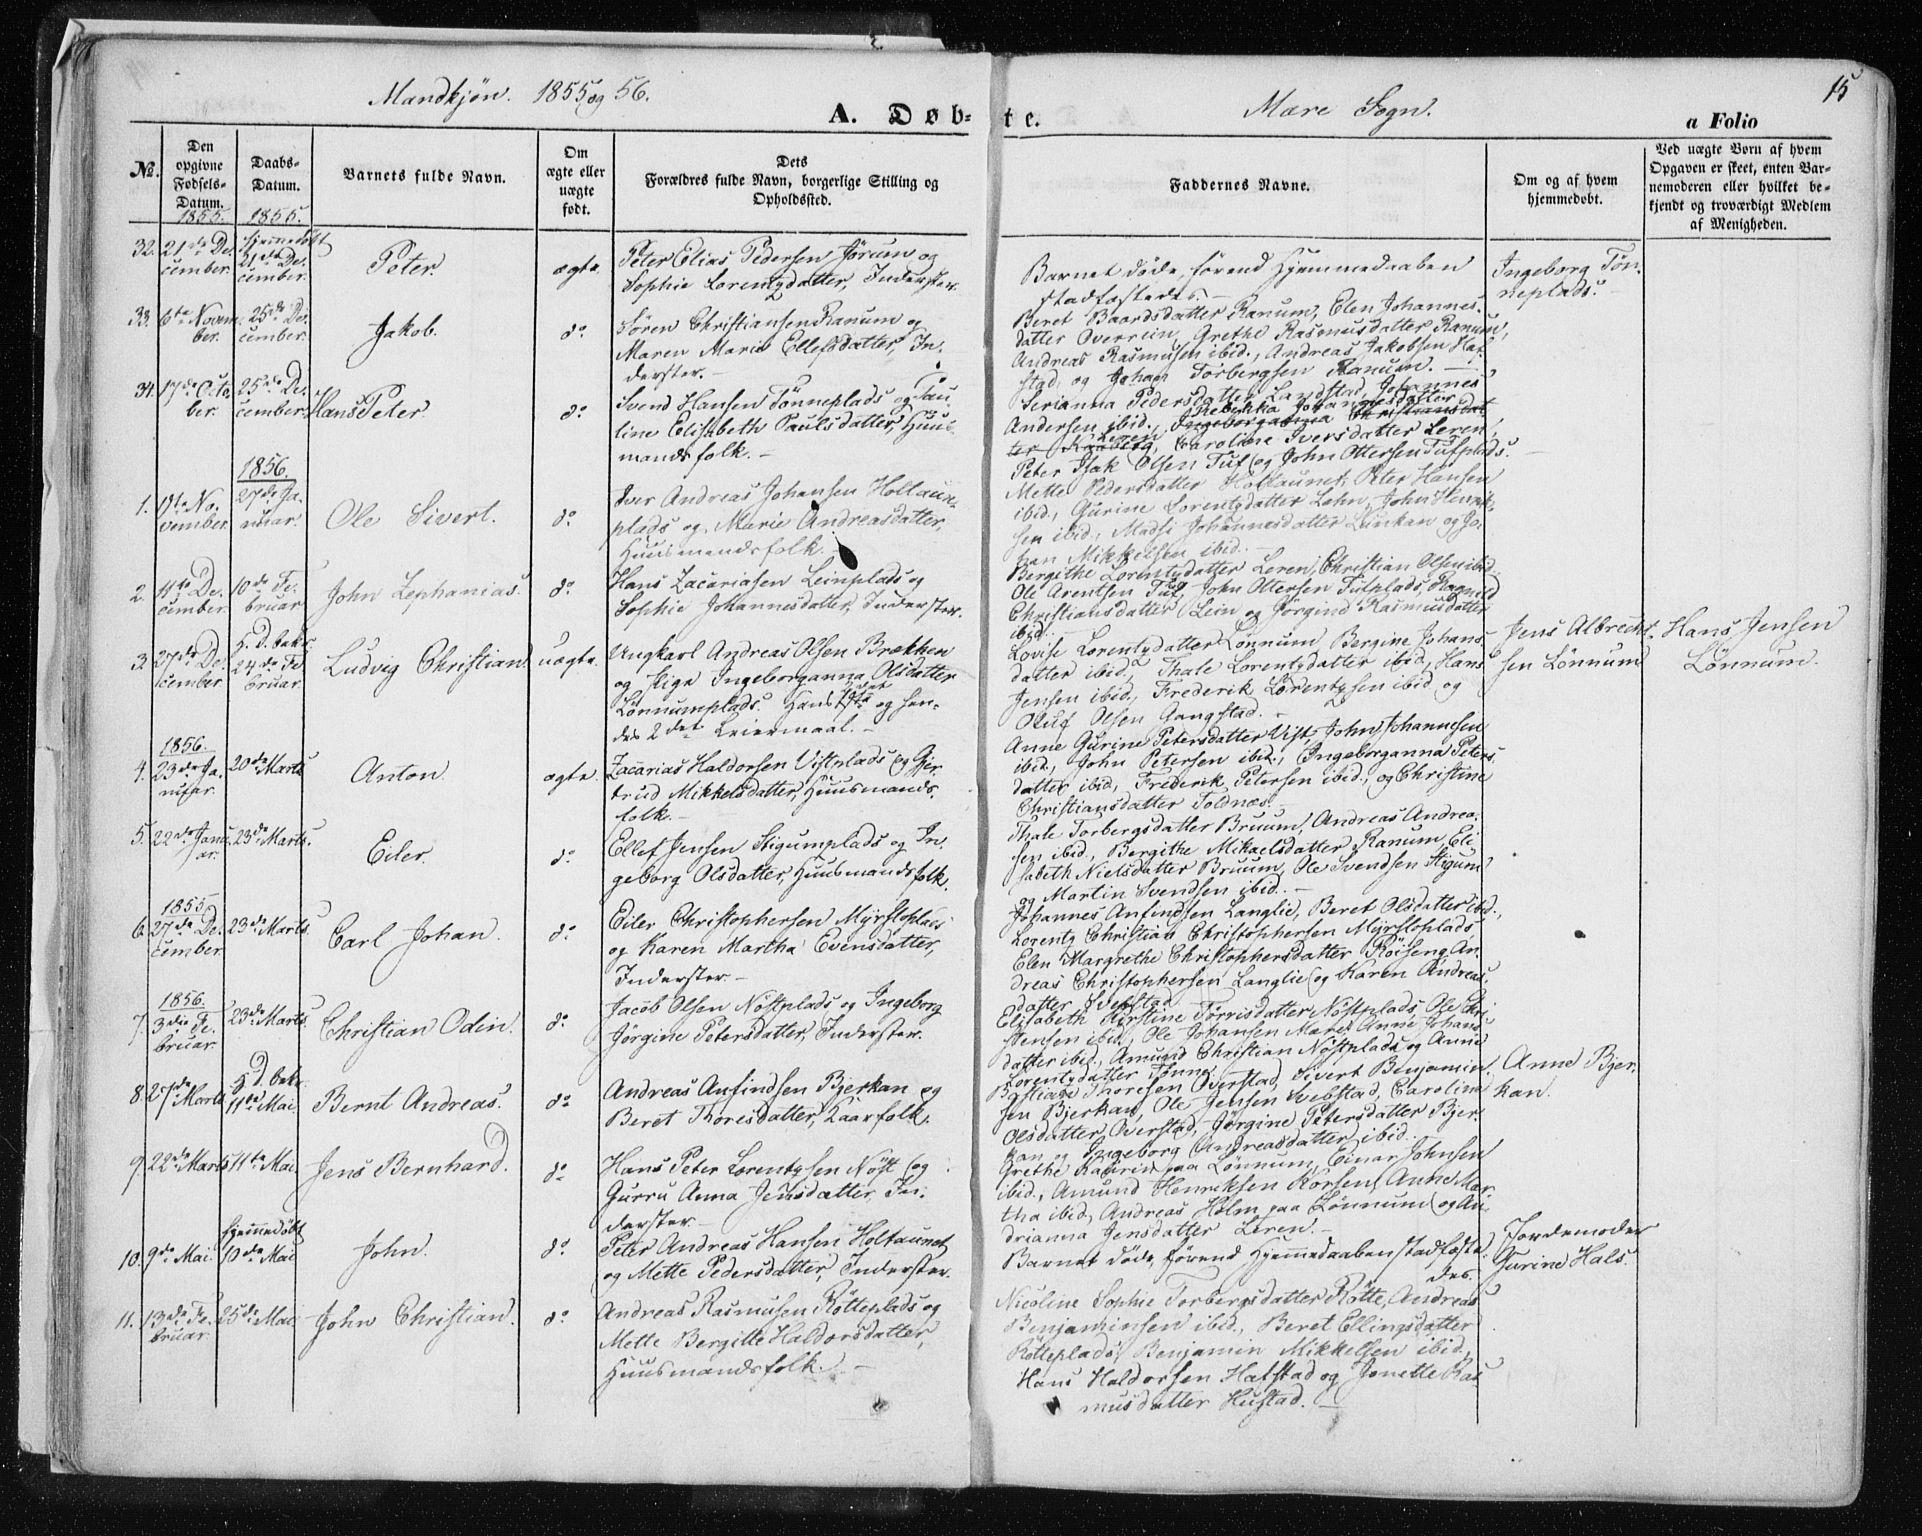 SAT, Ministerialprotokoller, klokkerbøker og fødselsregistre - Nord-Trøndelag, 735/L0342: Ministerialbok nr. 735A07 /1, 1849-1862, s. 15